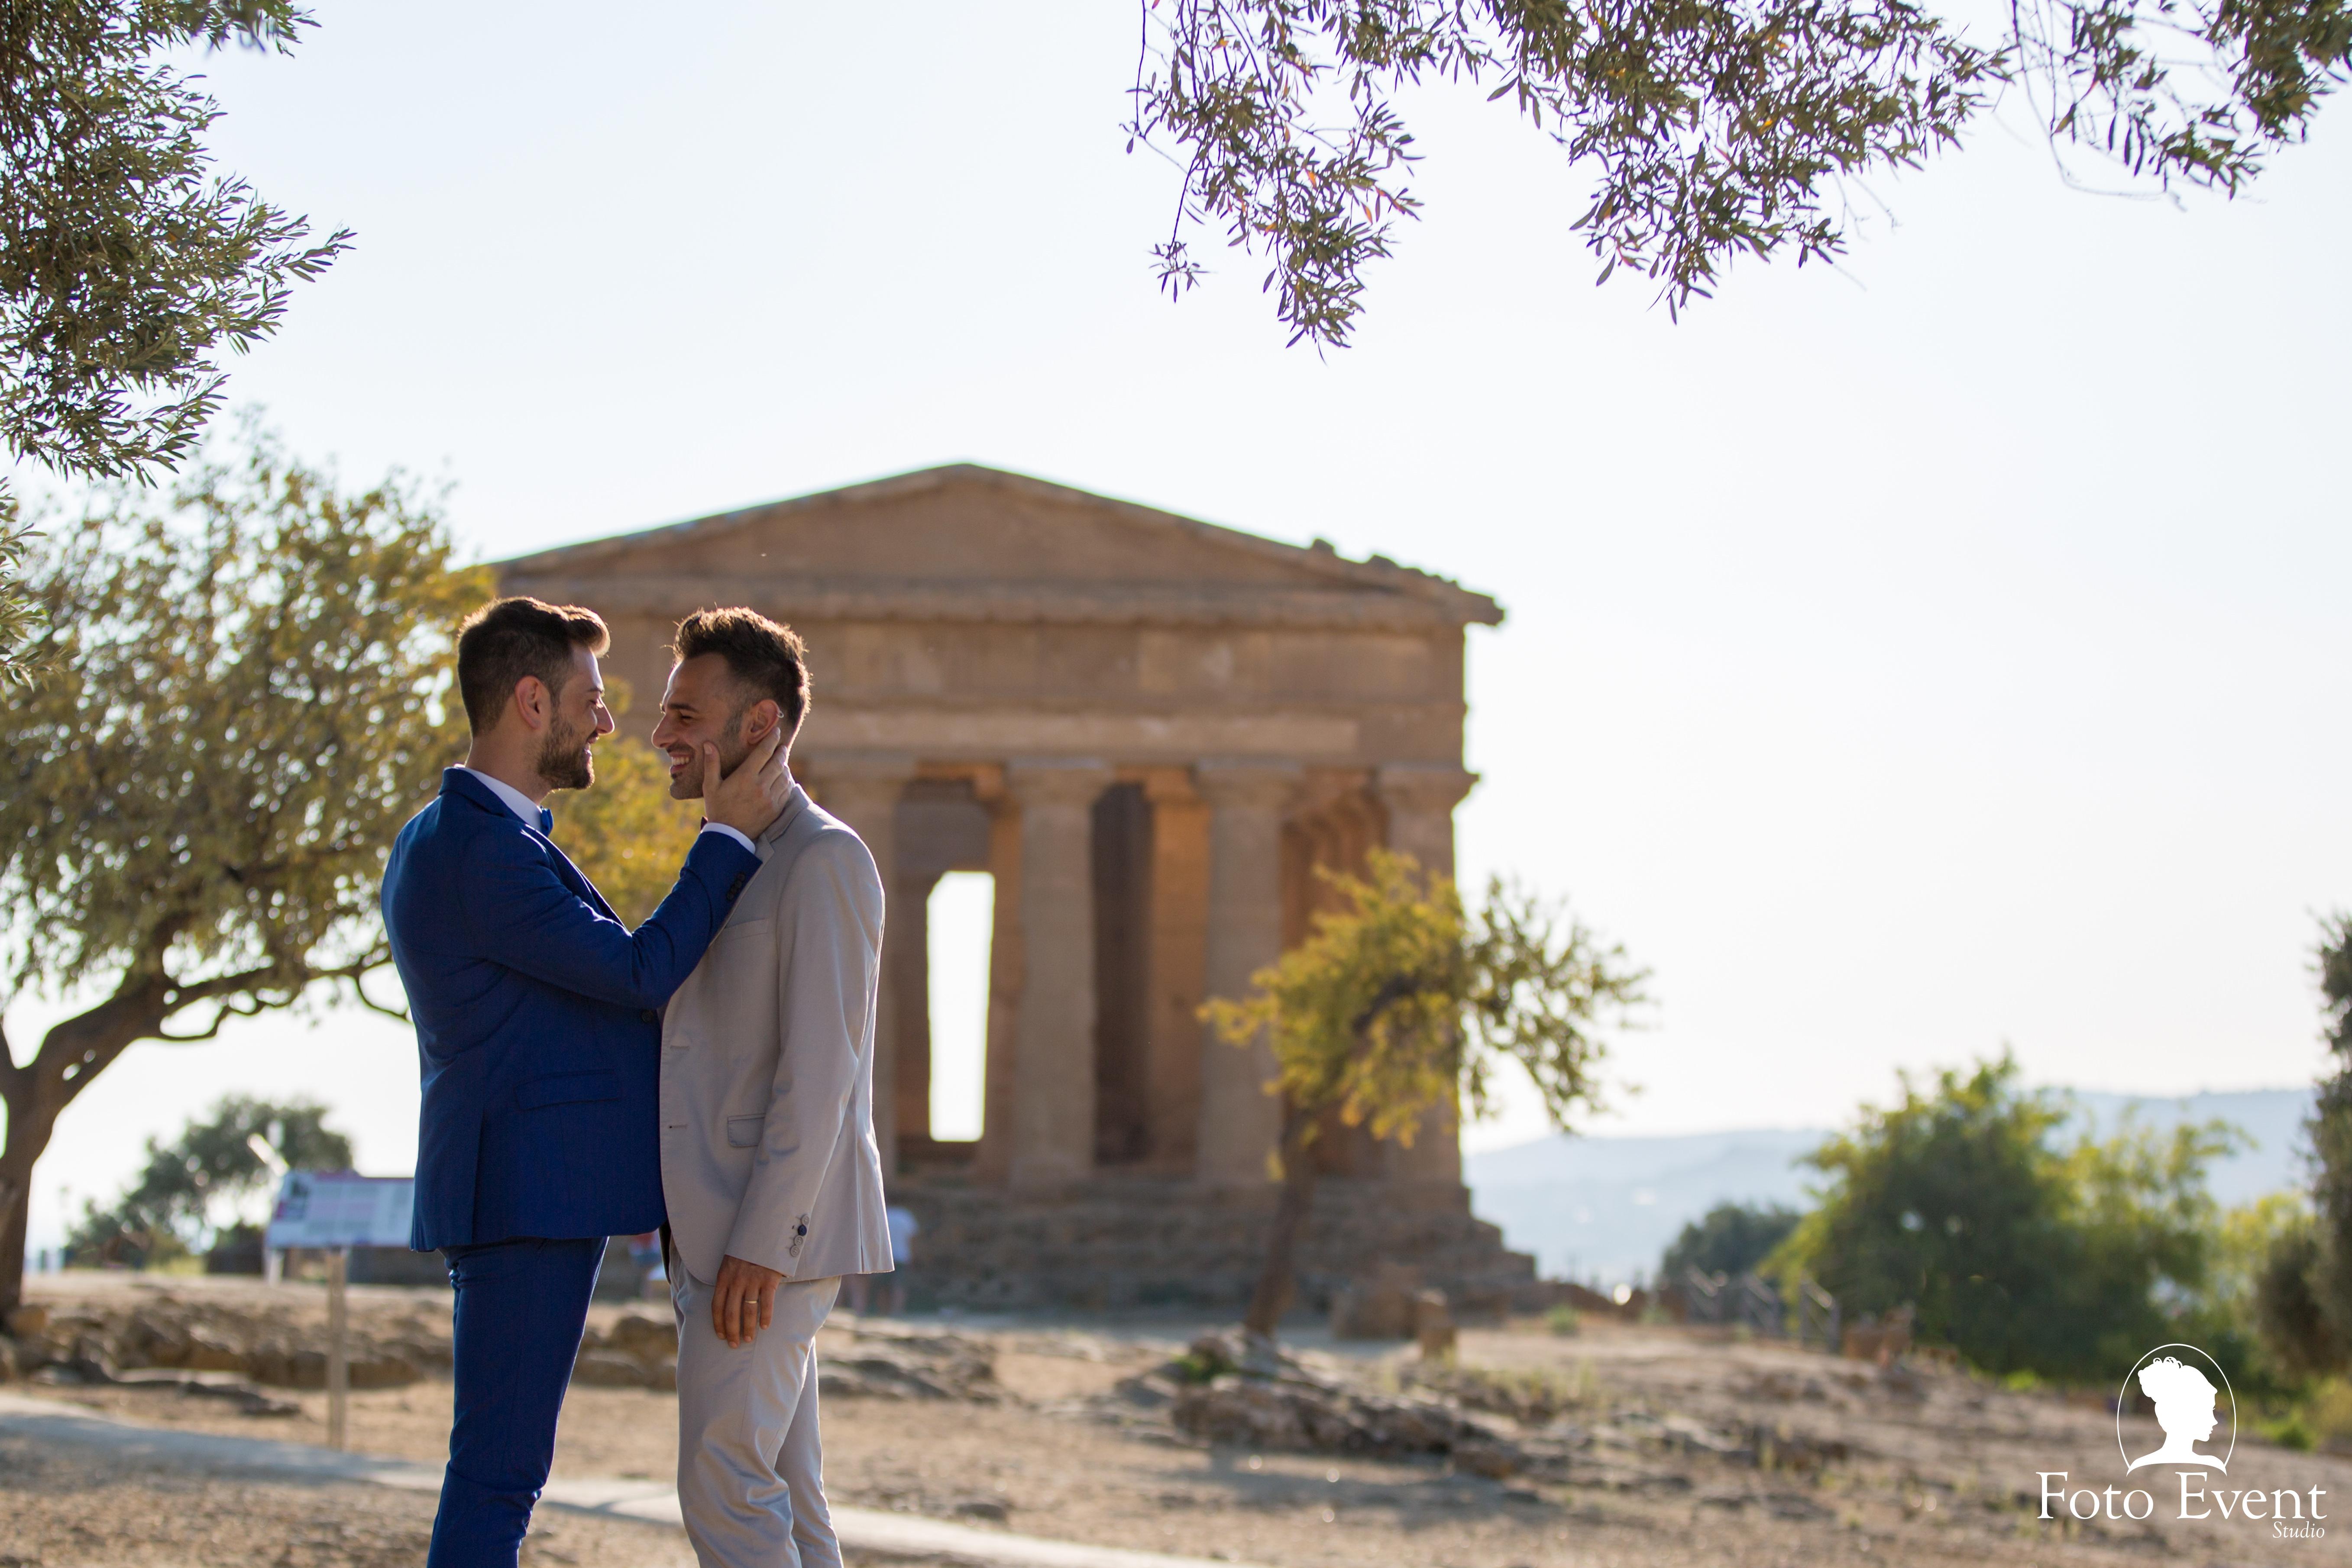 2018-07-26 Engagement Santo Caruso e Lillo Gueli zoom 094